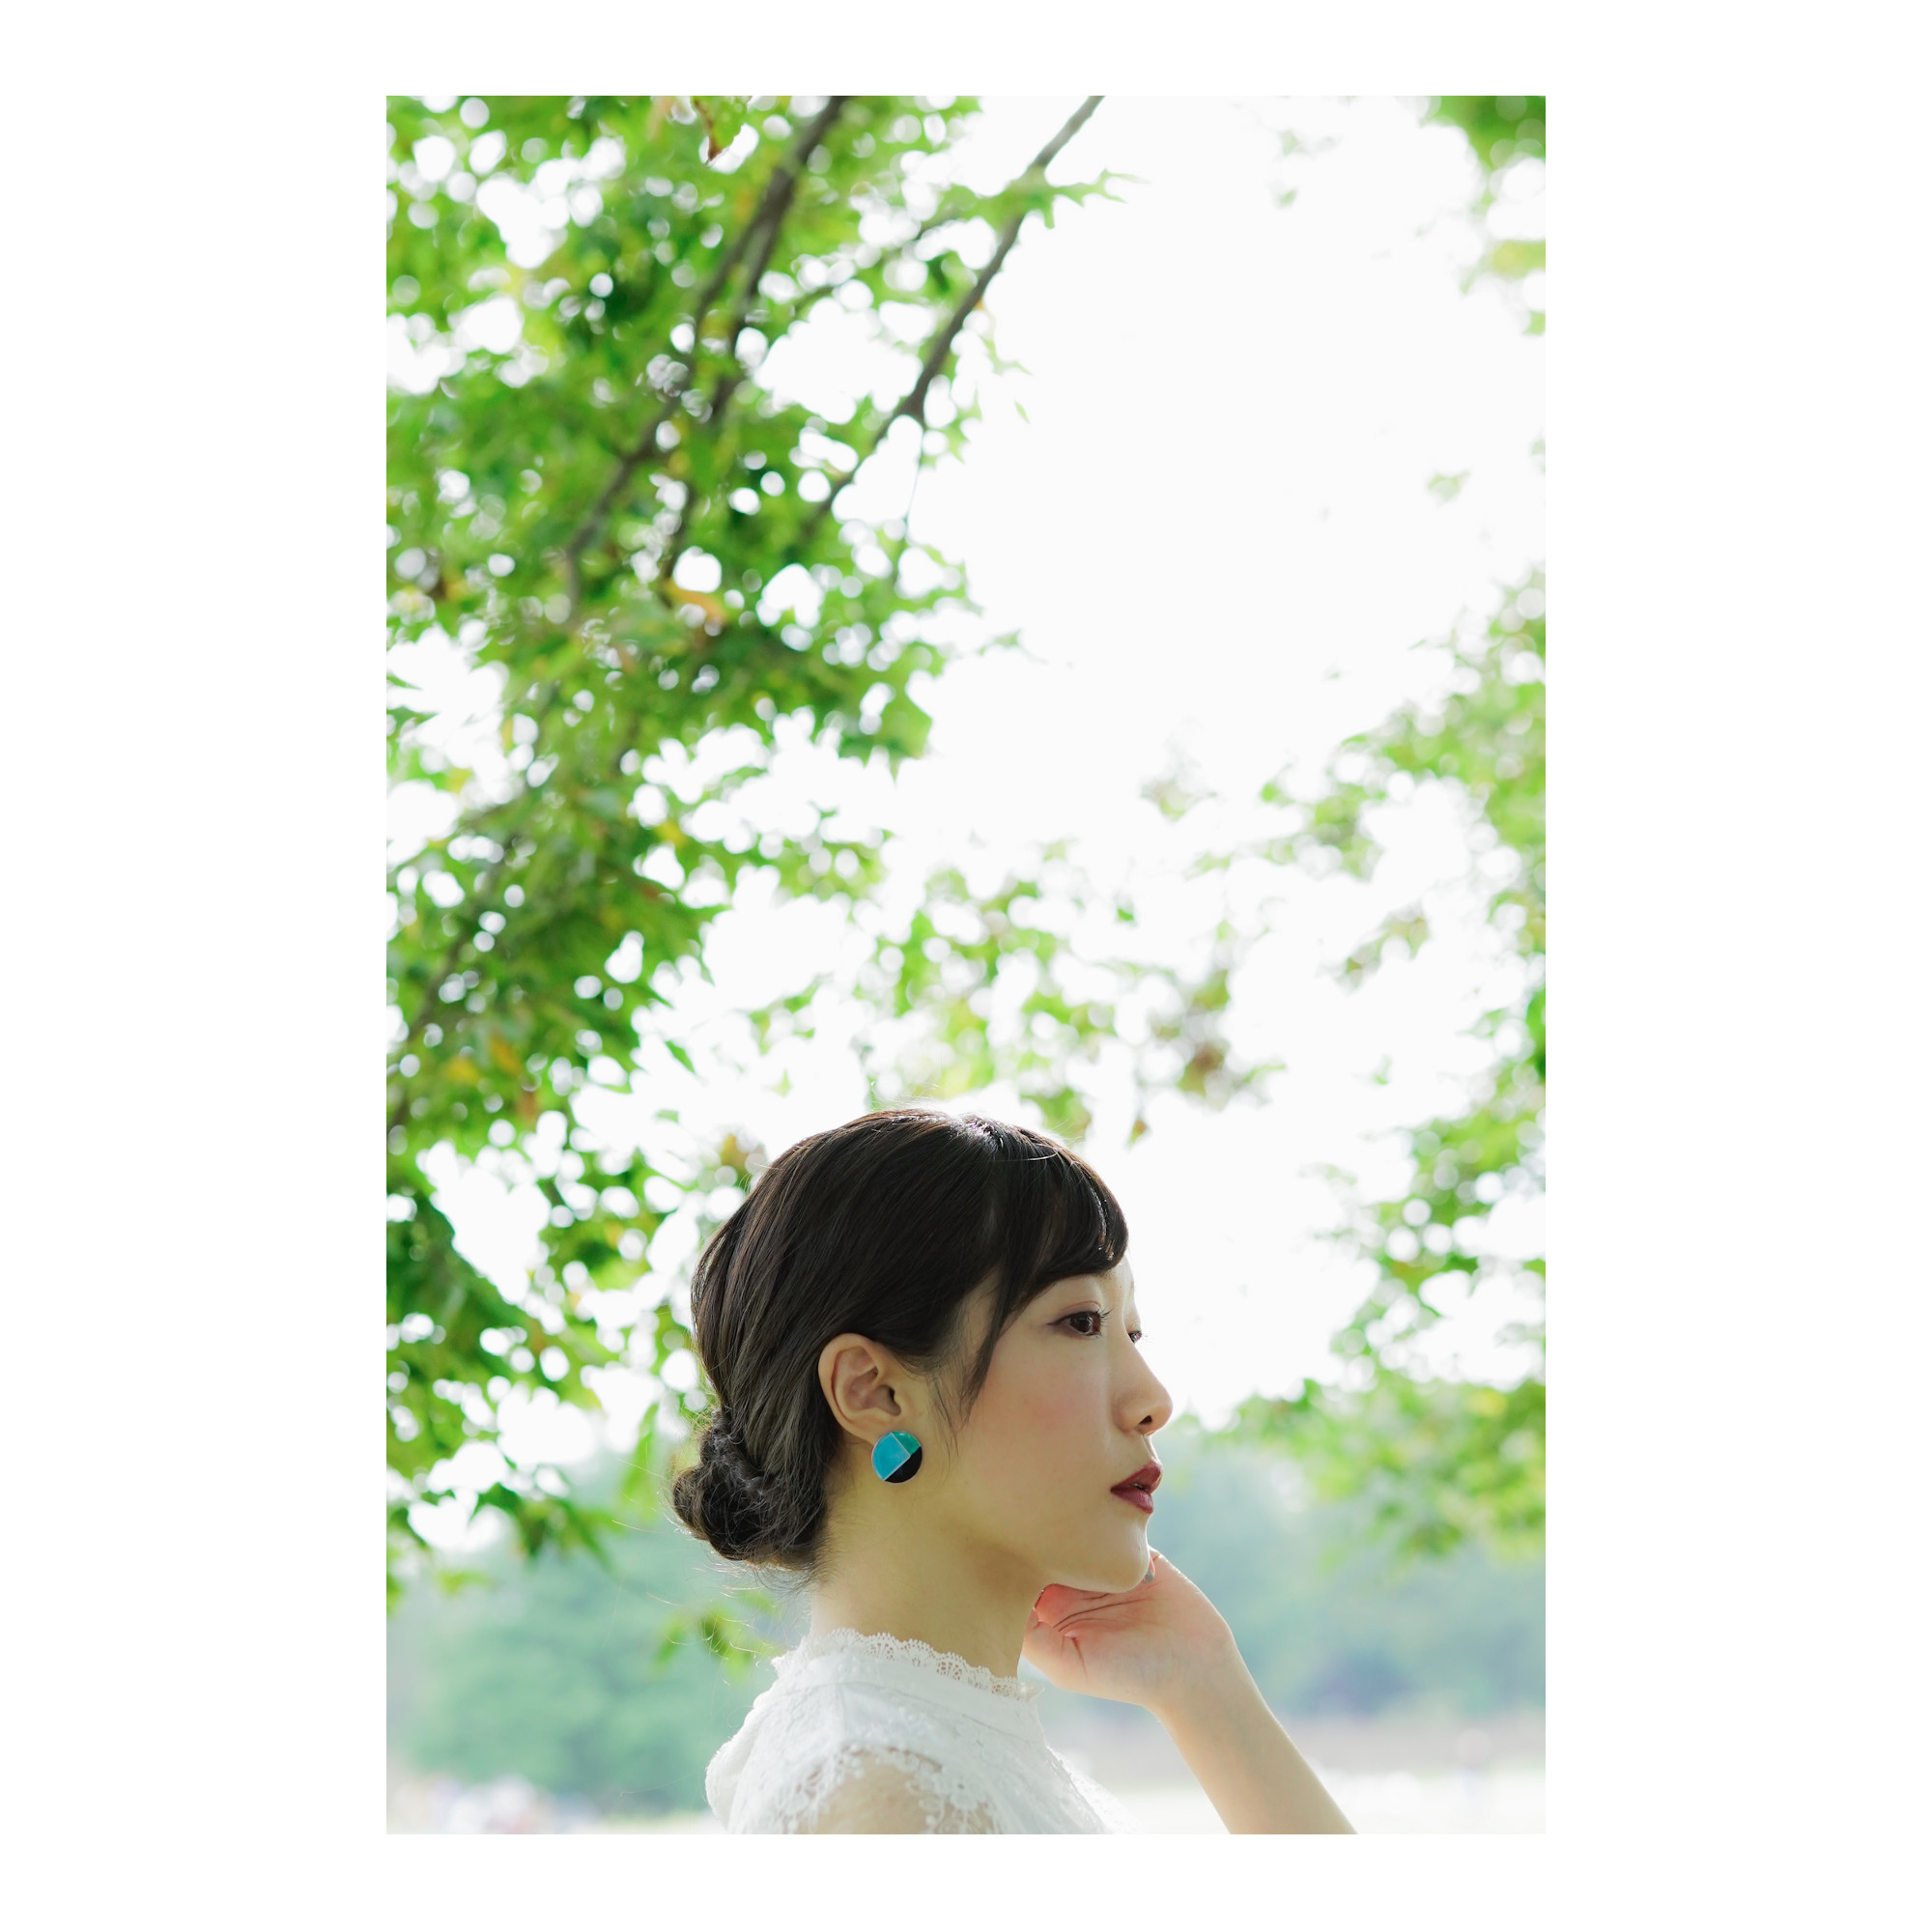 『風景が見えるジュエリー』ポーチカ_Aquq blueを自然の中での撮影